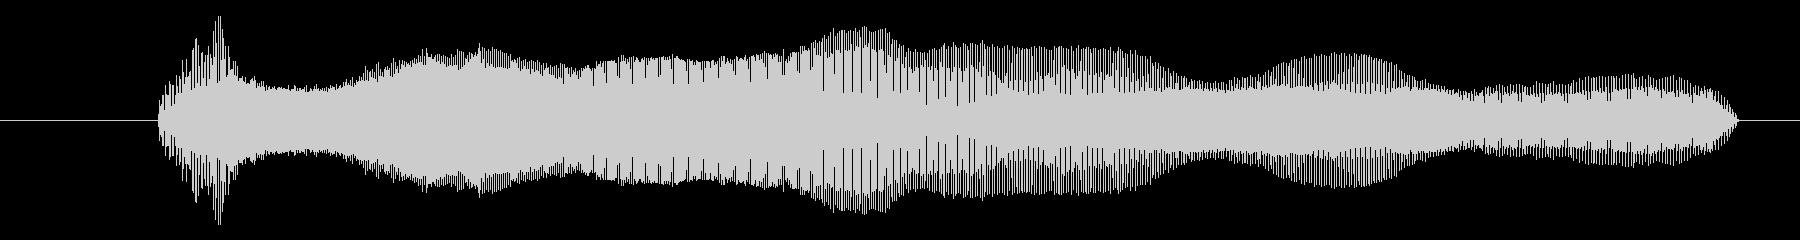 鳴き声 リトルガールクライアー02の未再生の波形